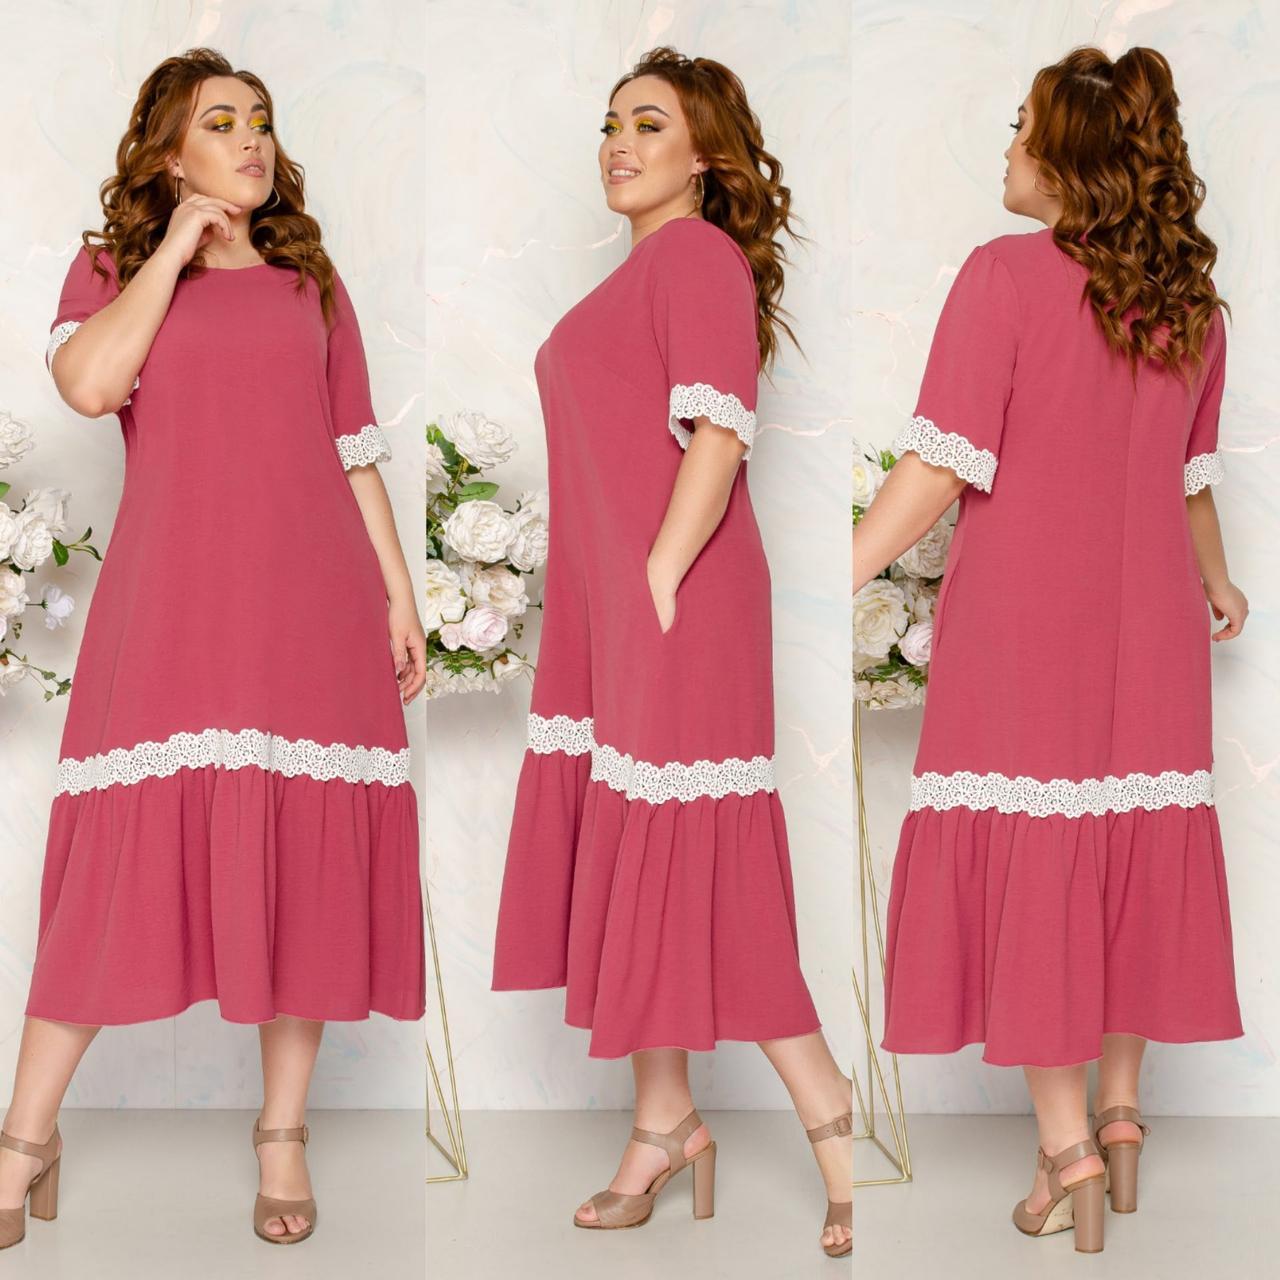 Платье летнее длинное больших размеров с карманами из тонкой ткани жатка, 5 цветов, р.52,54,56,58 код 125Й